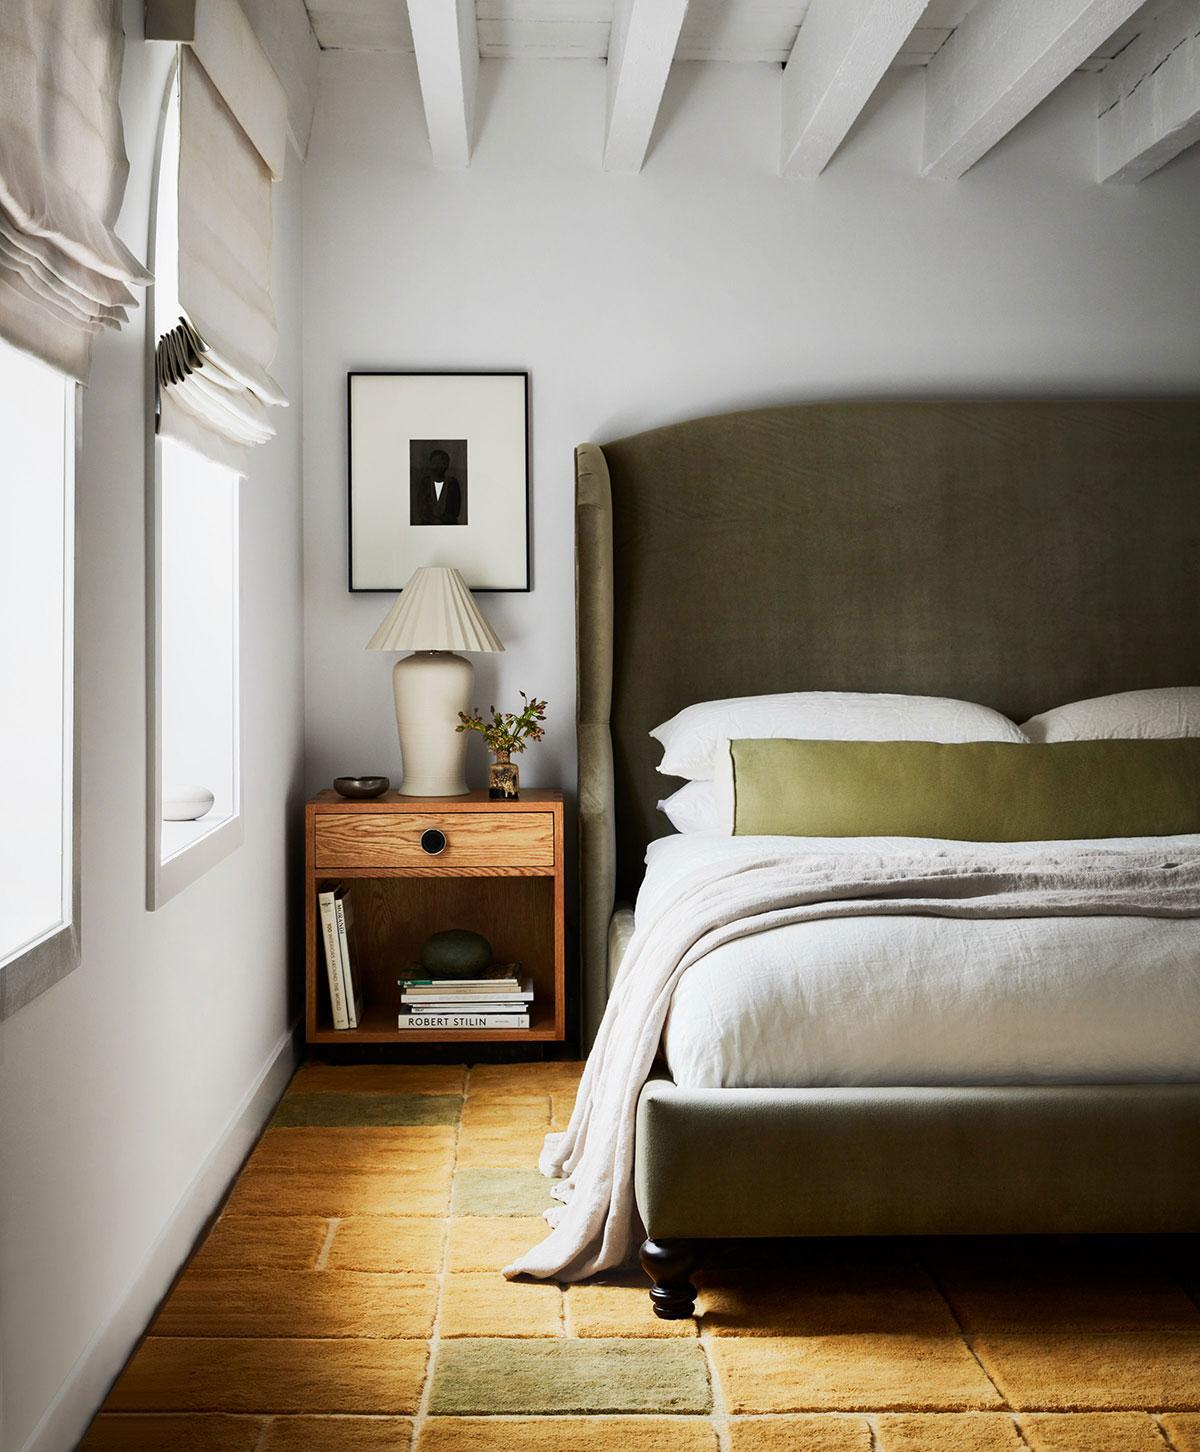 Уютный дом на месте пустого и безжизненного индустриального пространства в Нью-Йорке